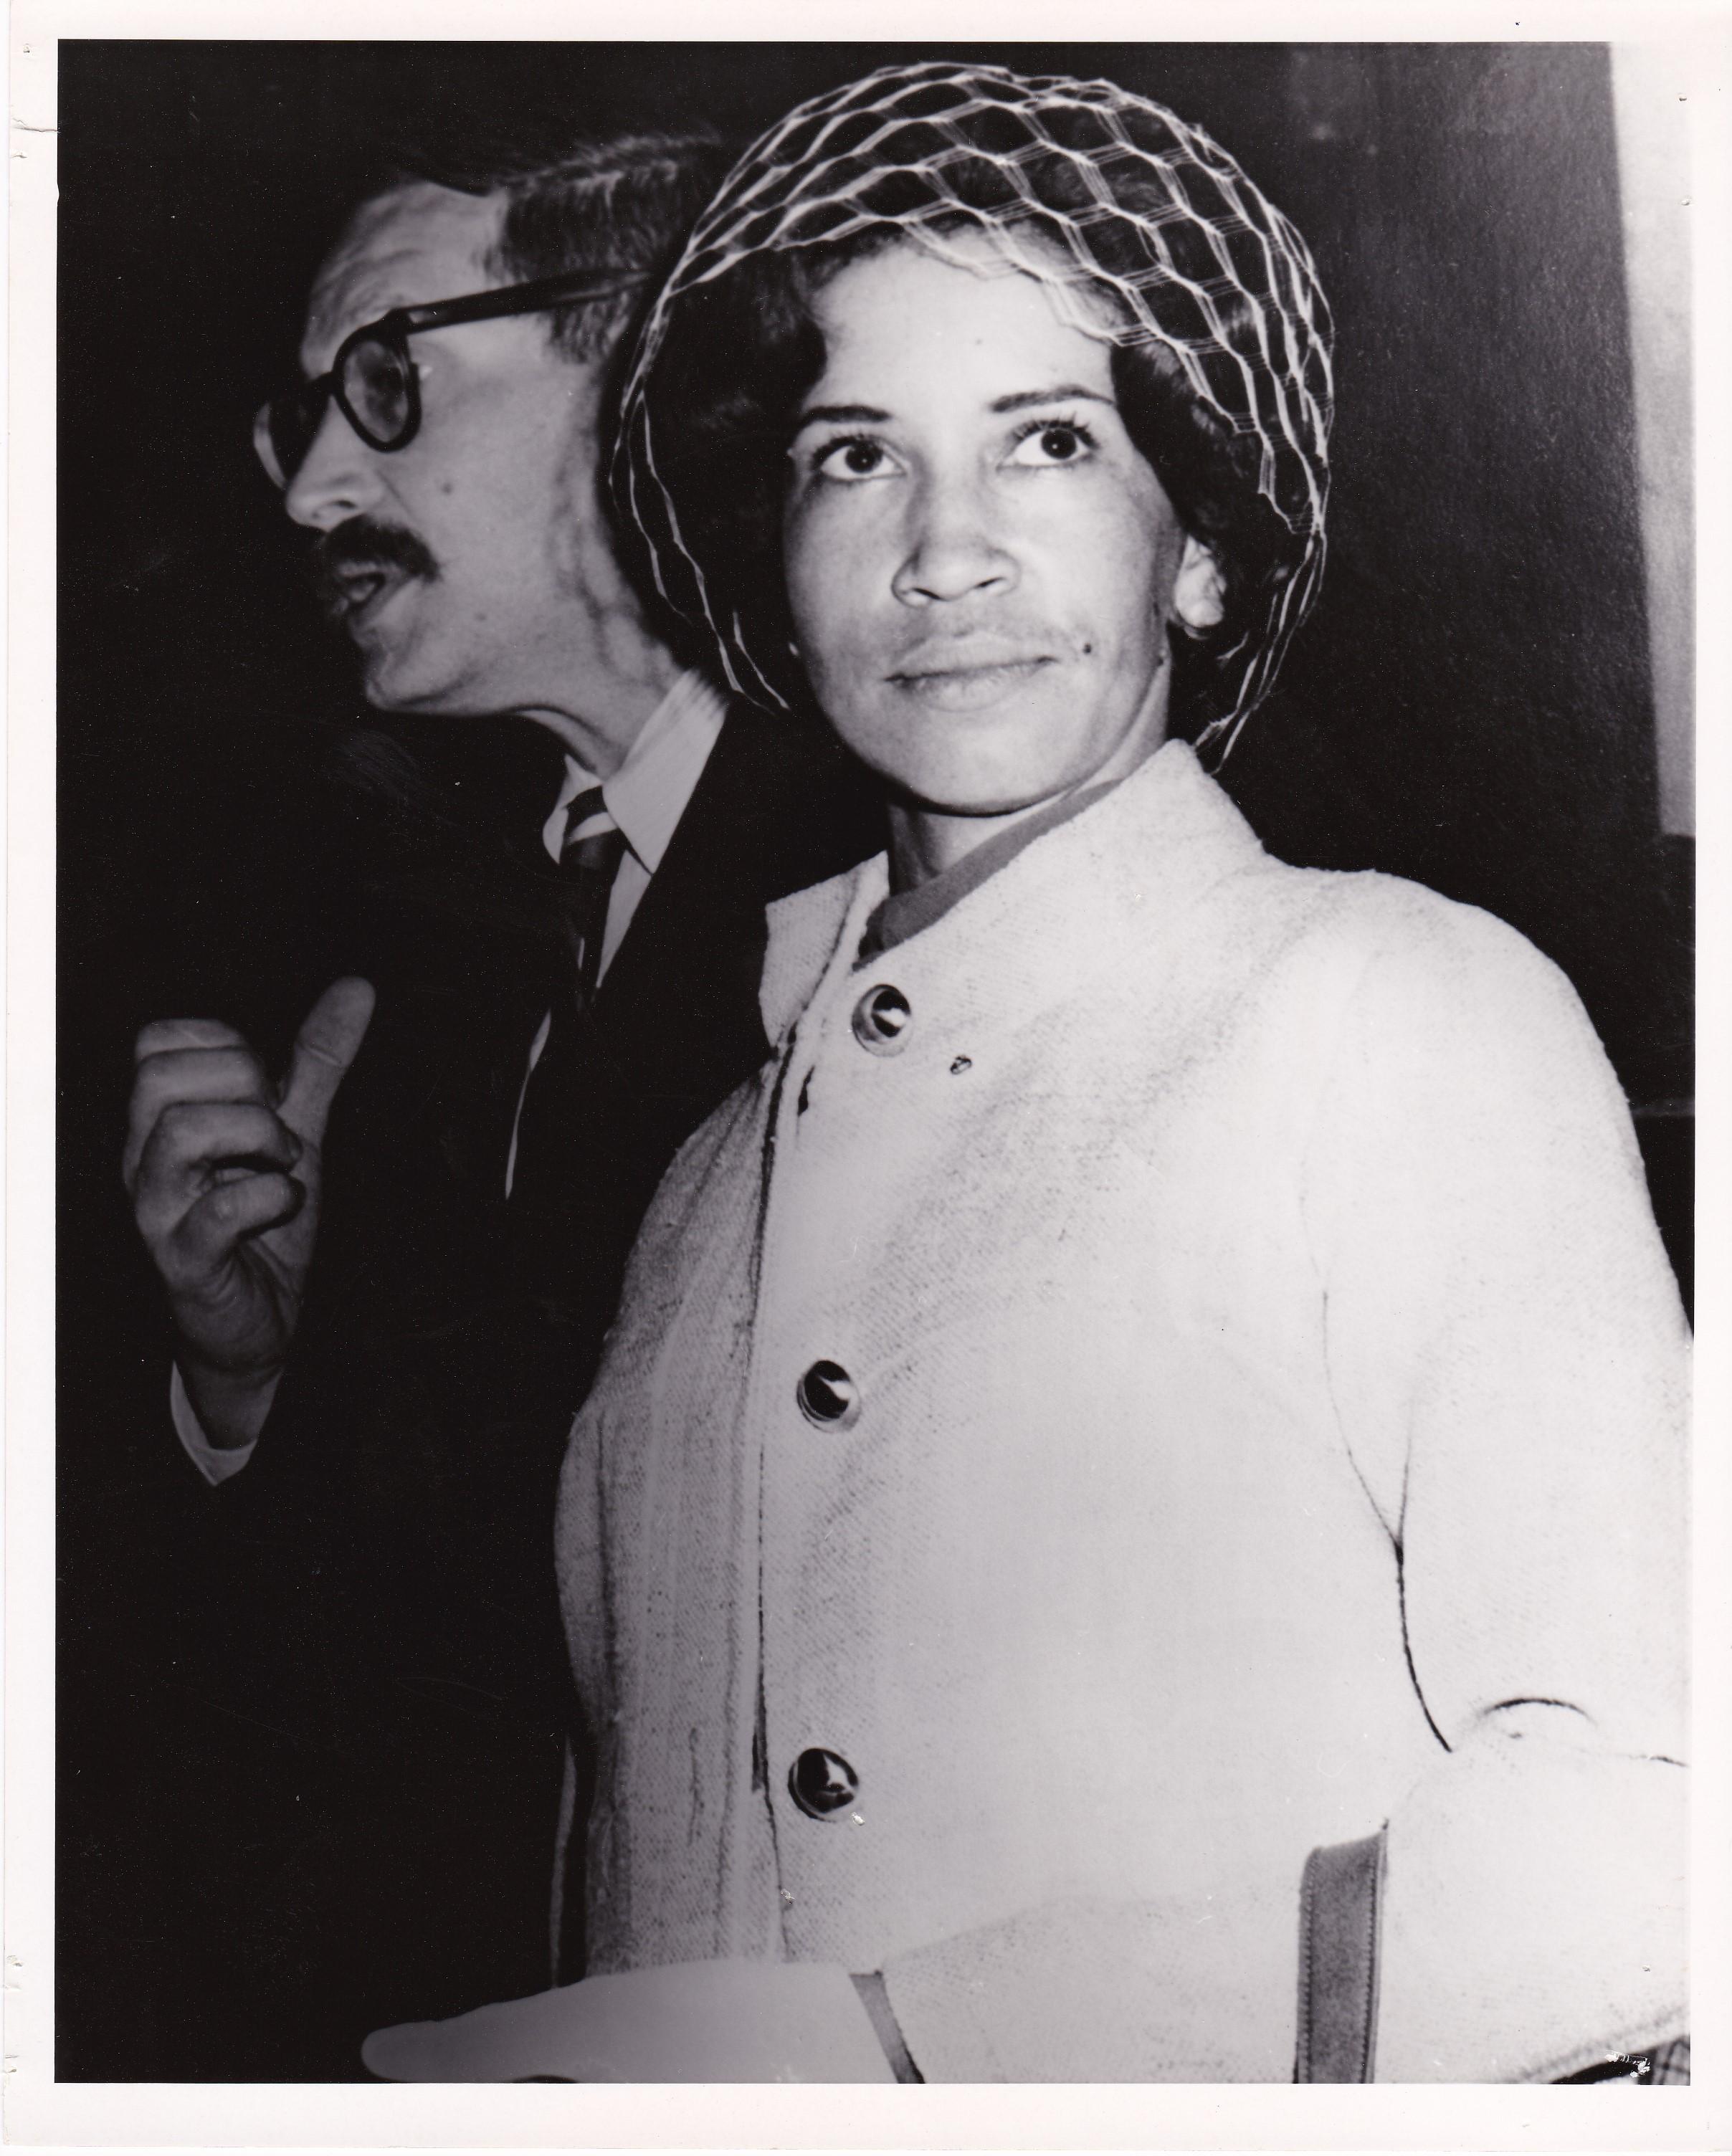 Senate Subcommittee Hearing in 1968, Stephen Ebbins and Thyra Johnson '66